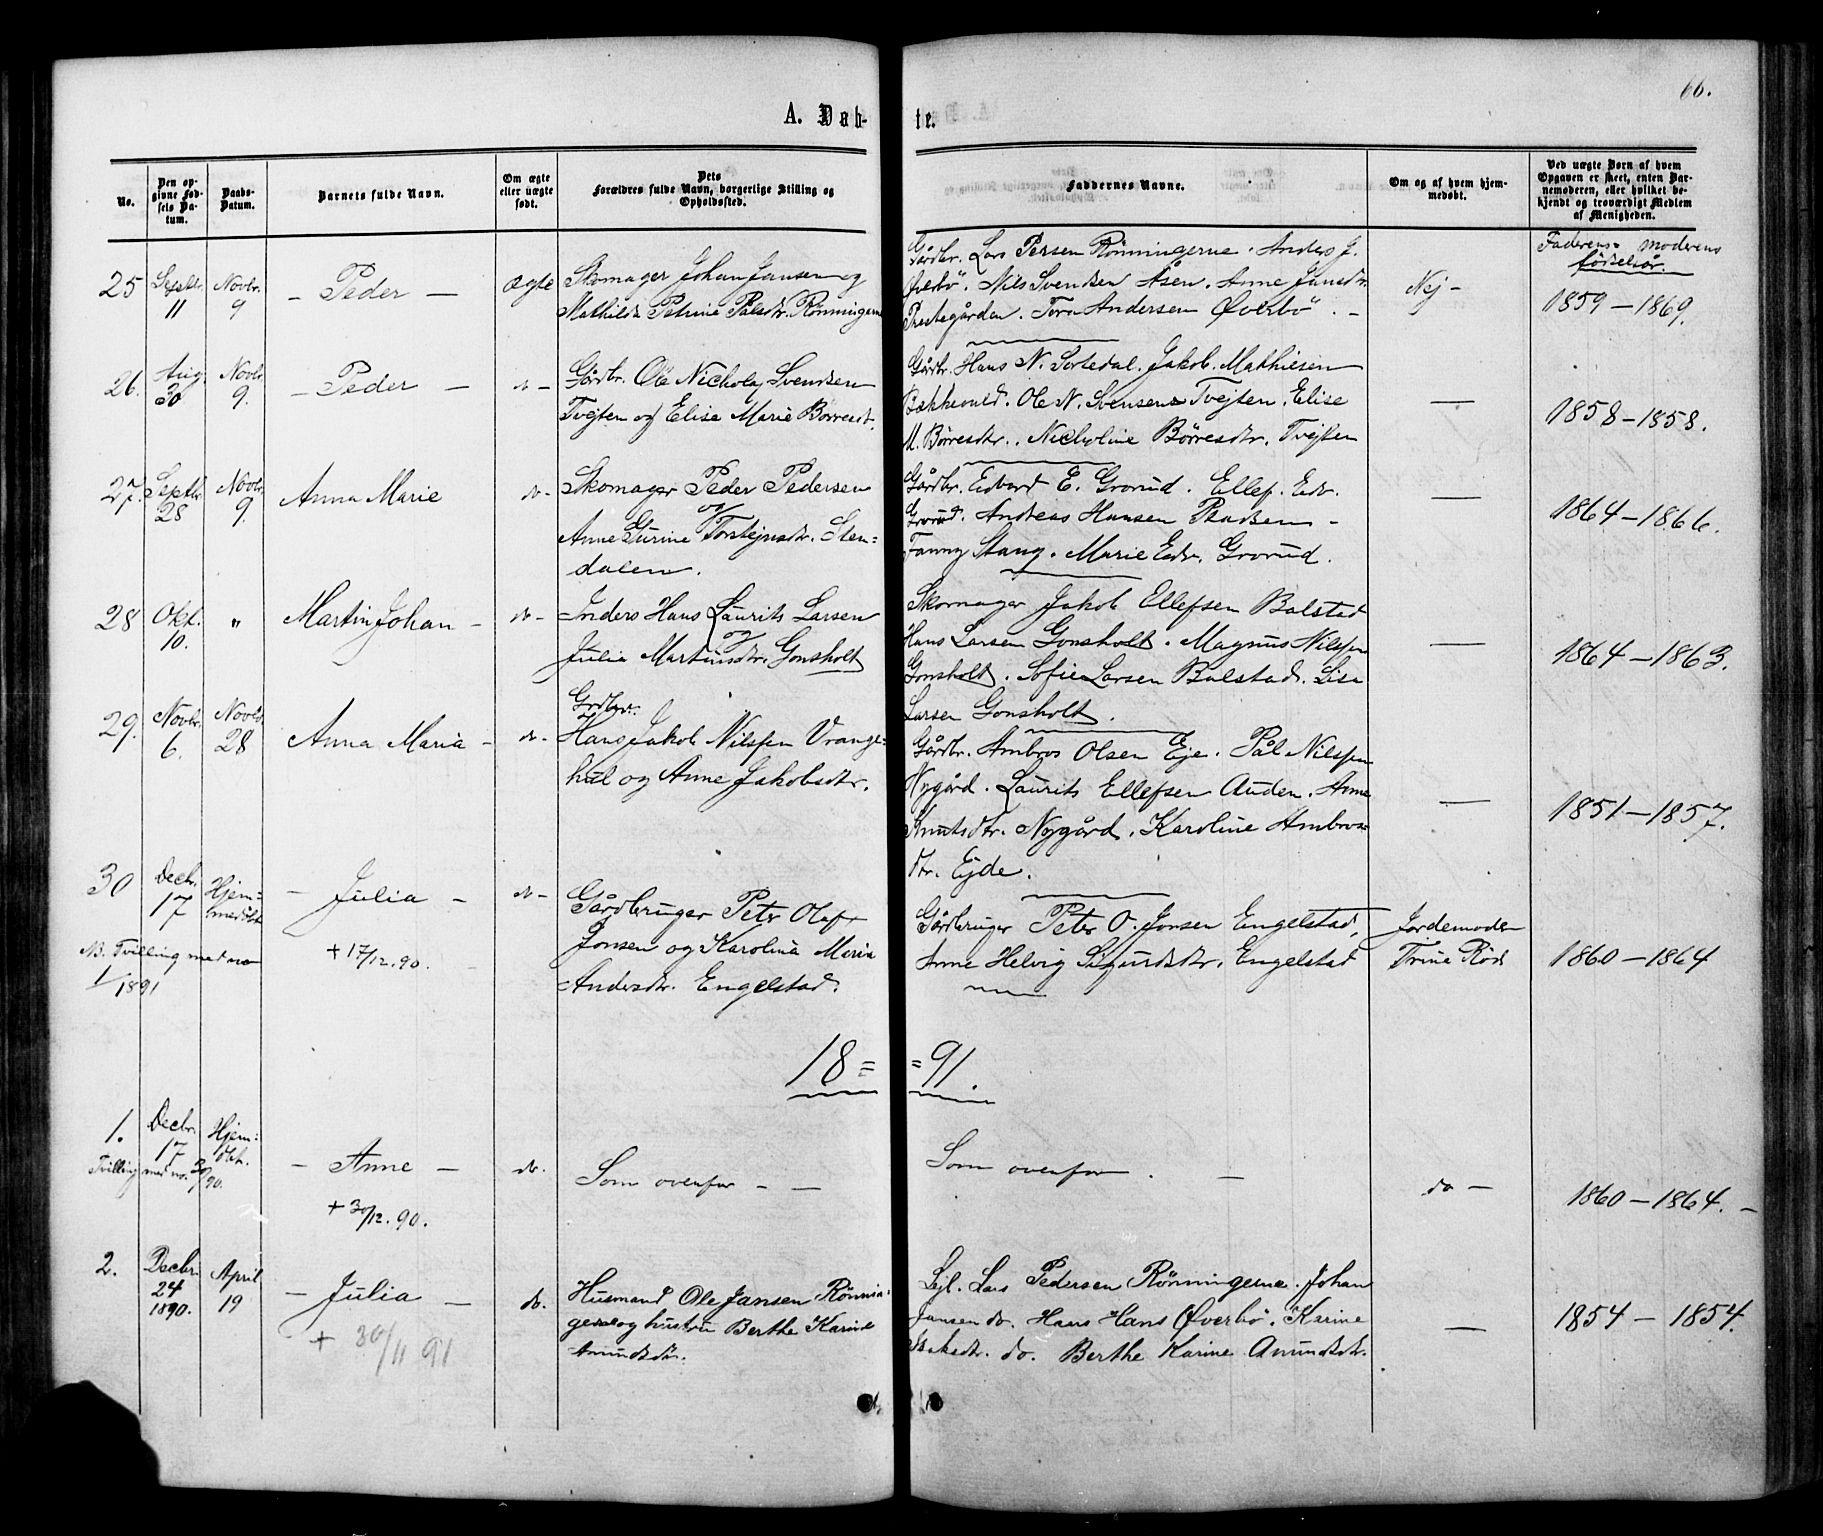 SAKO, Siljan kirkebøker, G/Ga/L0002: Klokkerbok nr. 2, 1864-1908, s. 66